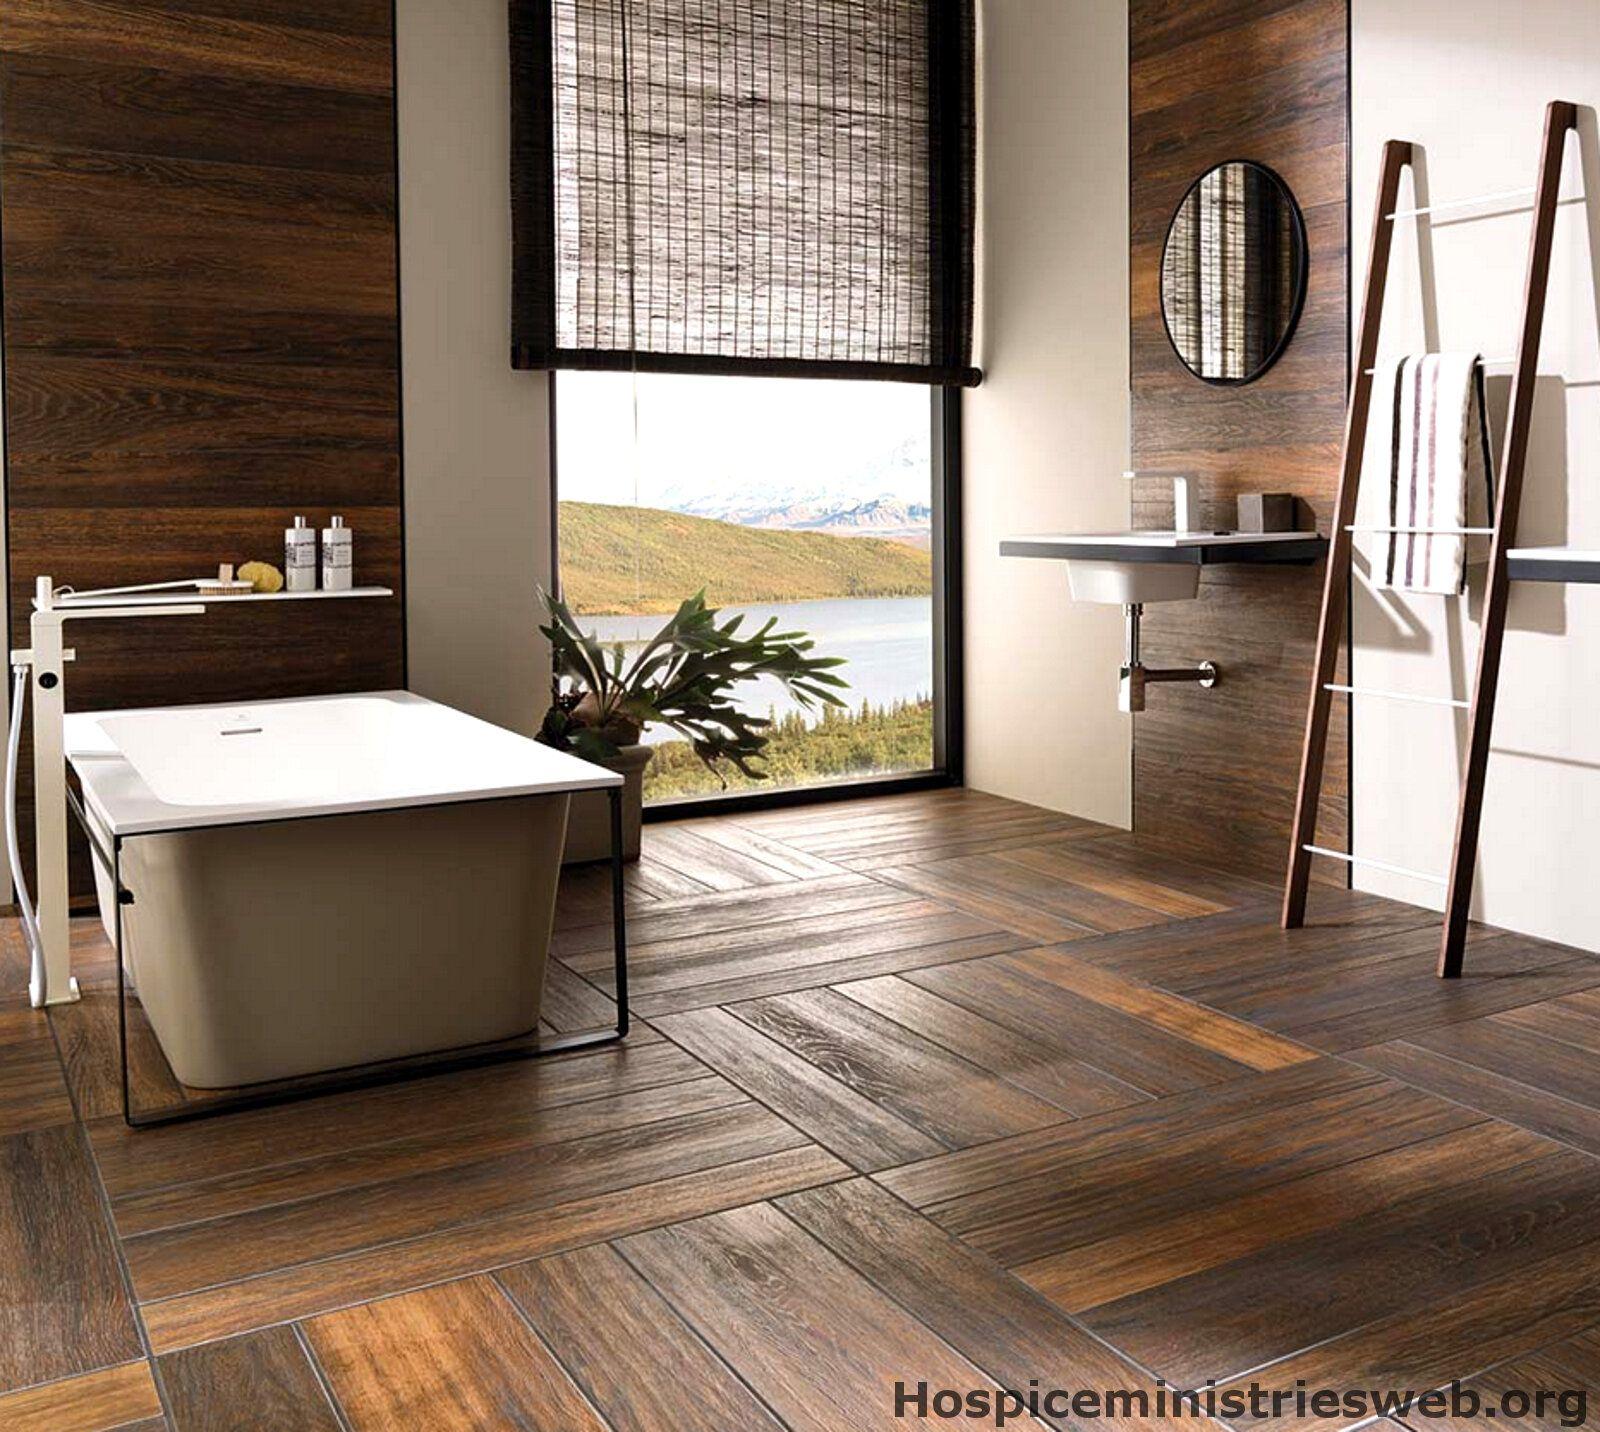 35 Ideen Für Badezimmer Braun Beige Wohn Ideen | Ideen Für ... Bad Beige Braun